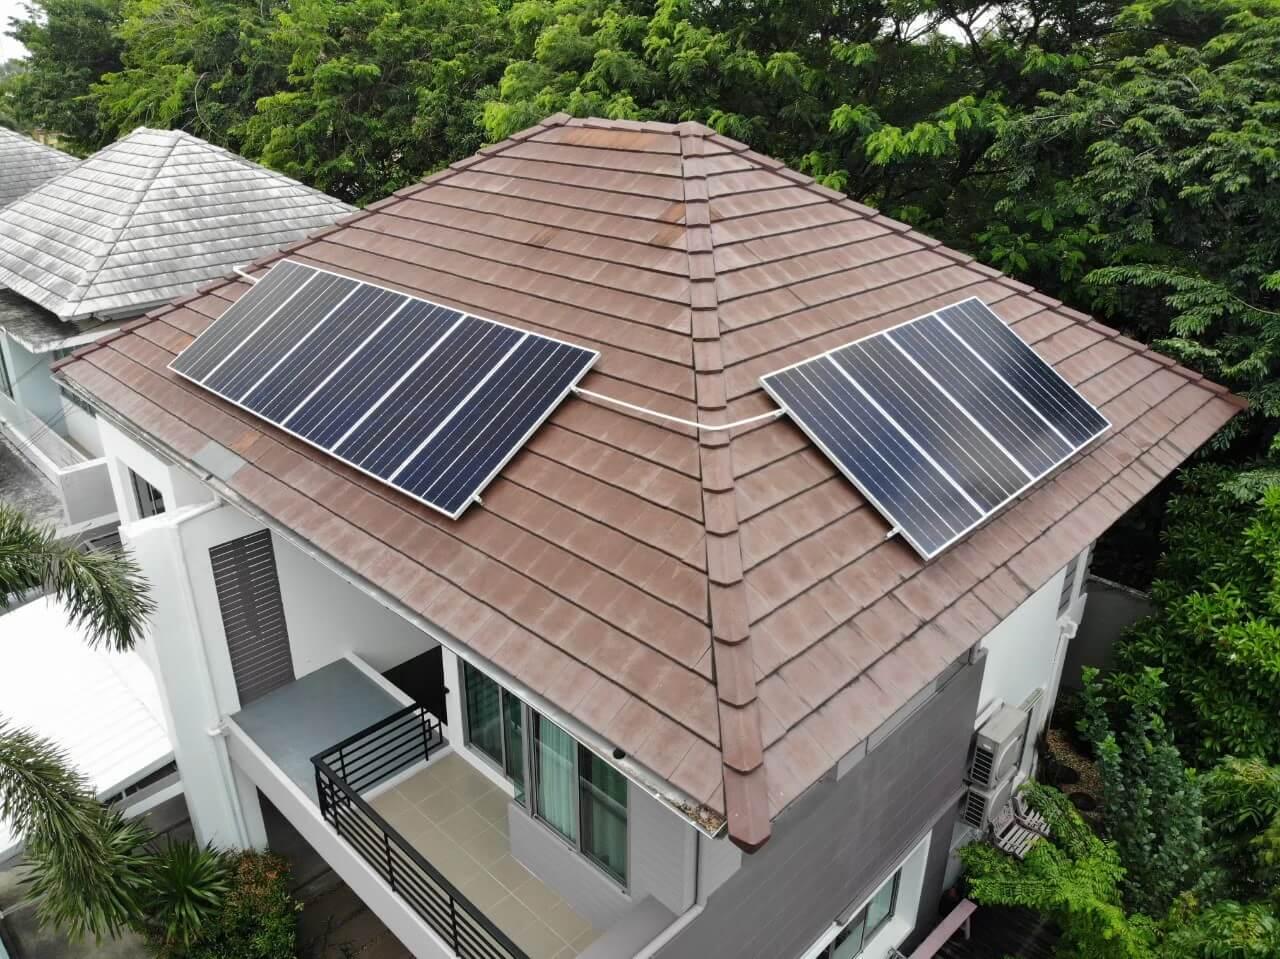 12 จุดเด่นมาพร้อม SCG Solar Roof เมื่อยักษ์ลงสนามไฟฟ้าบ้านพลังงานแสงอาทิตย์ 40 - Premium